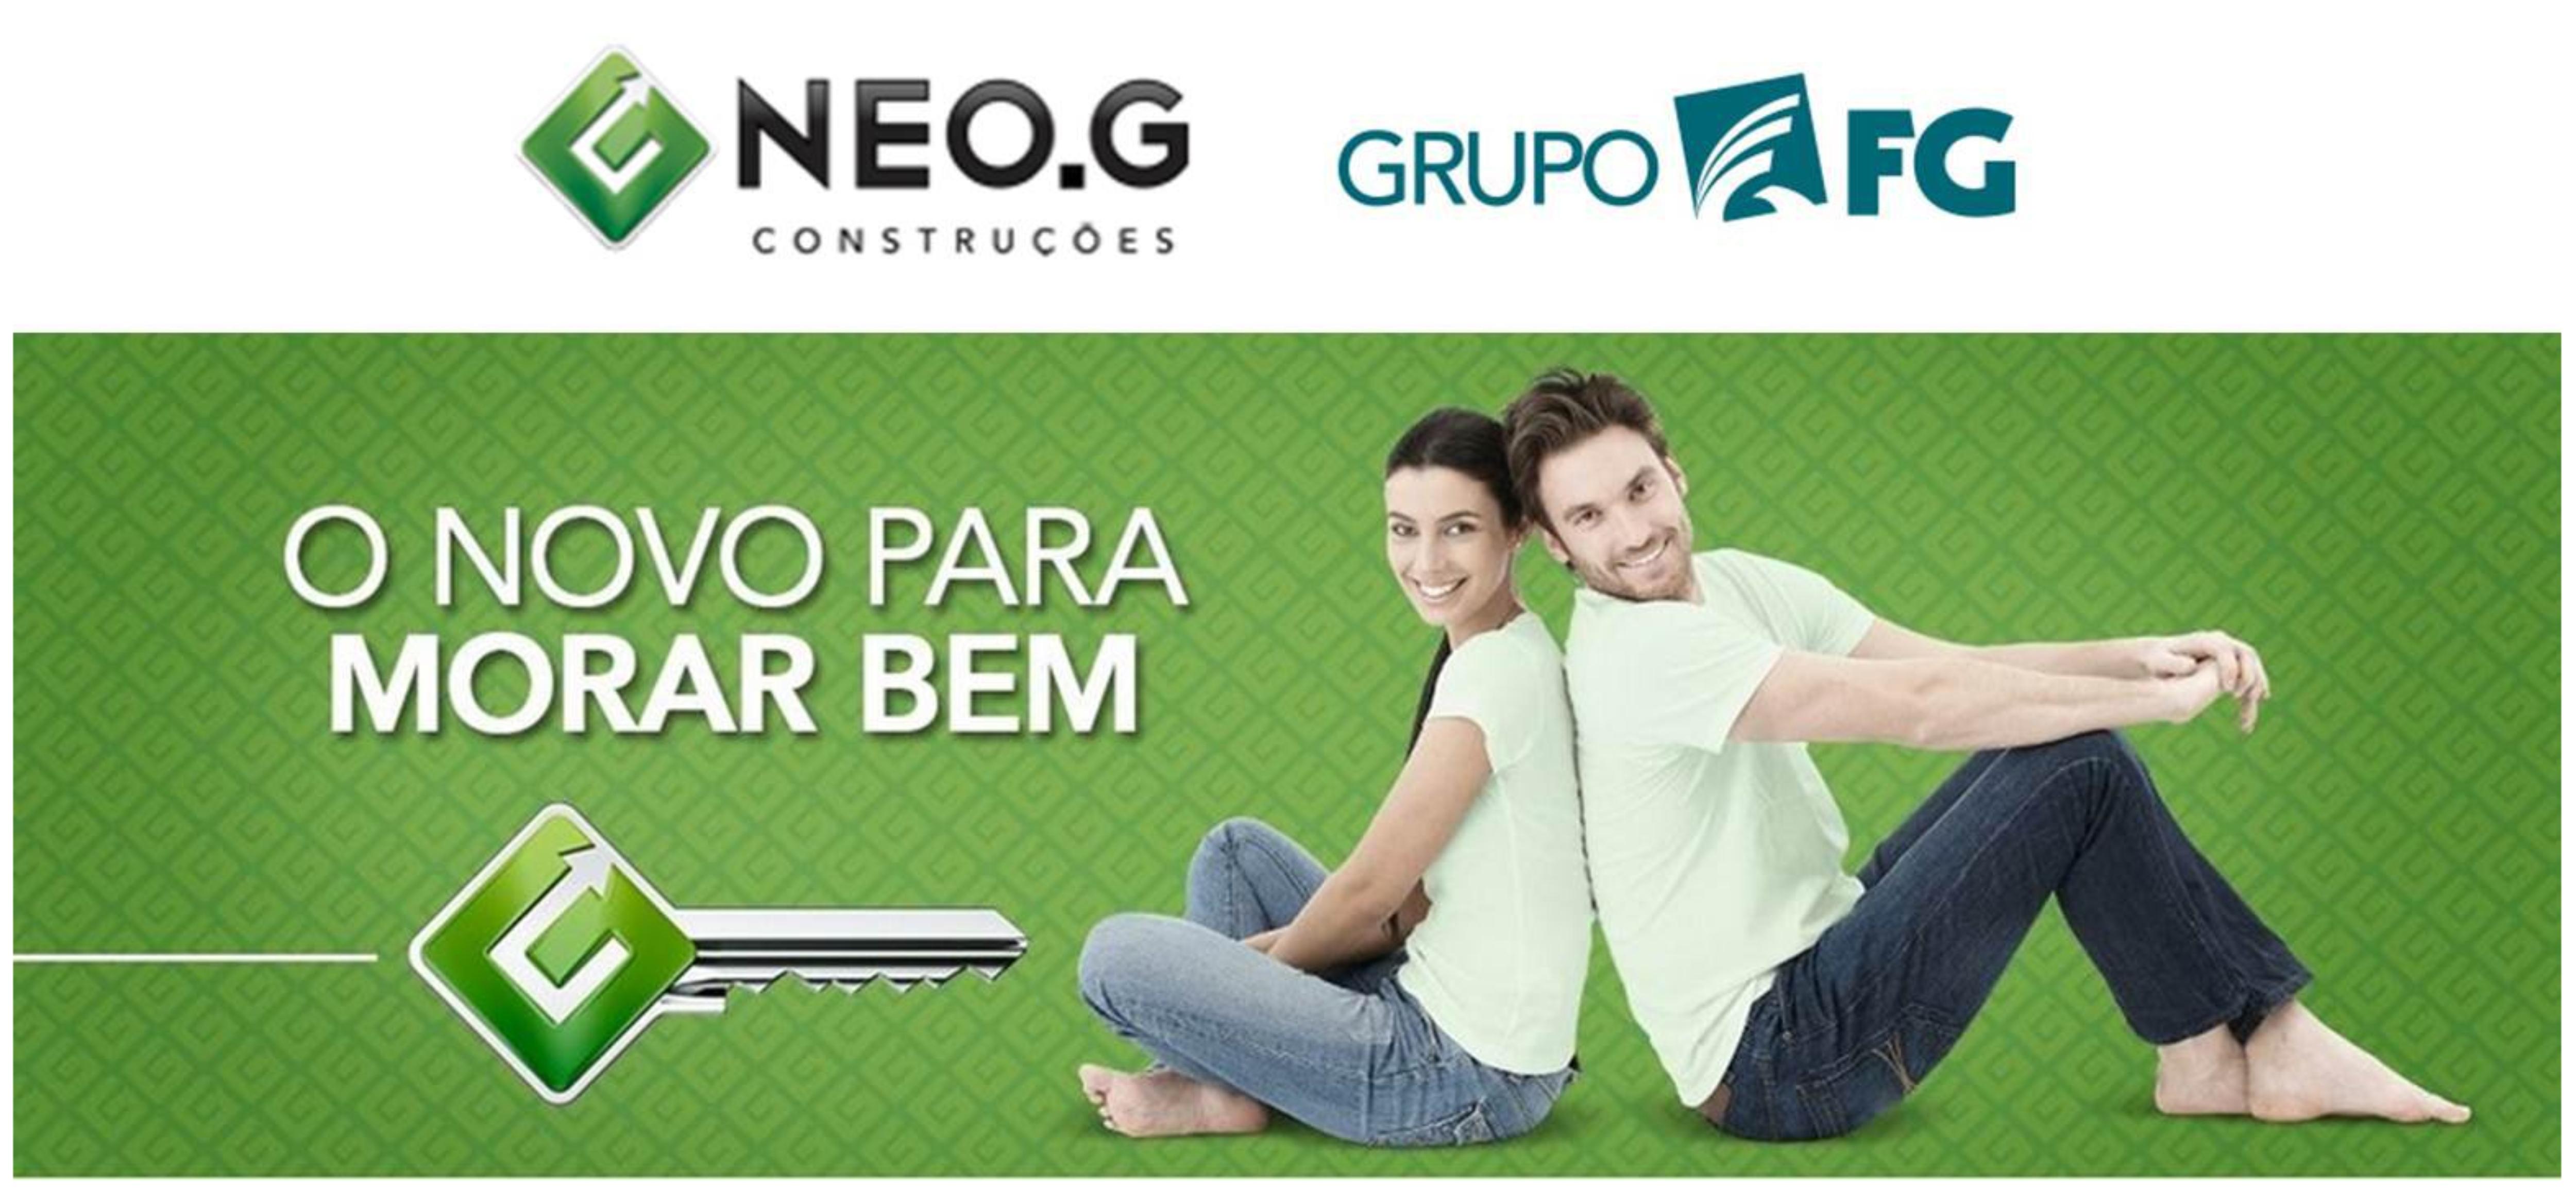 Campanha Neo.G Construções